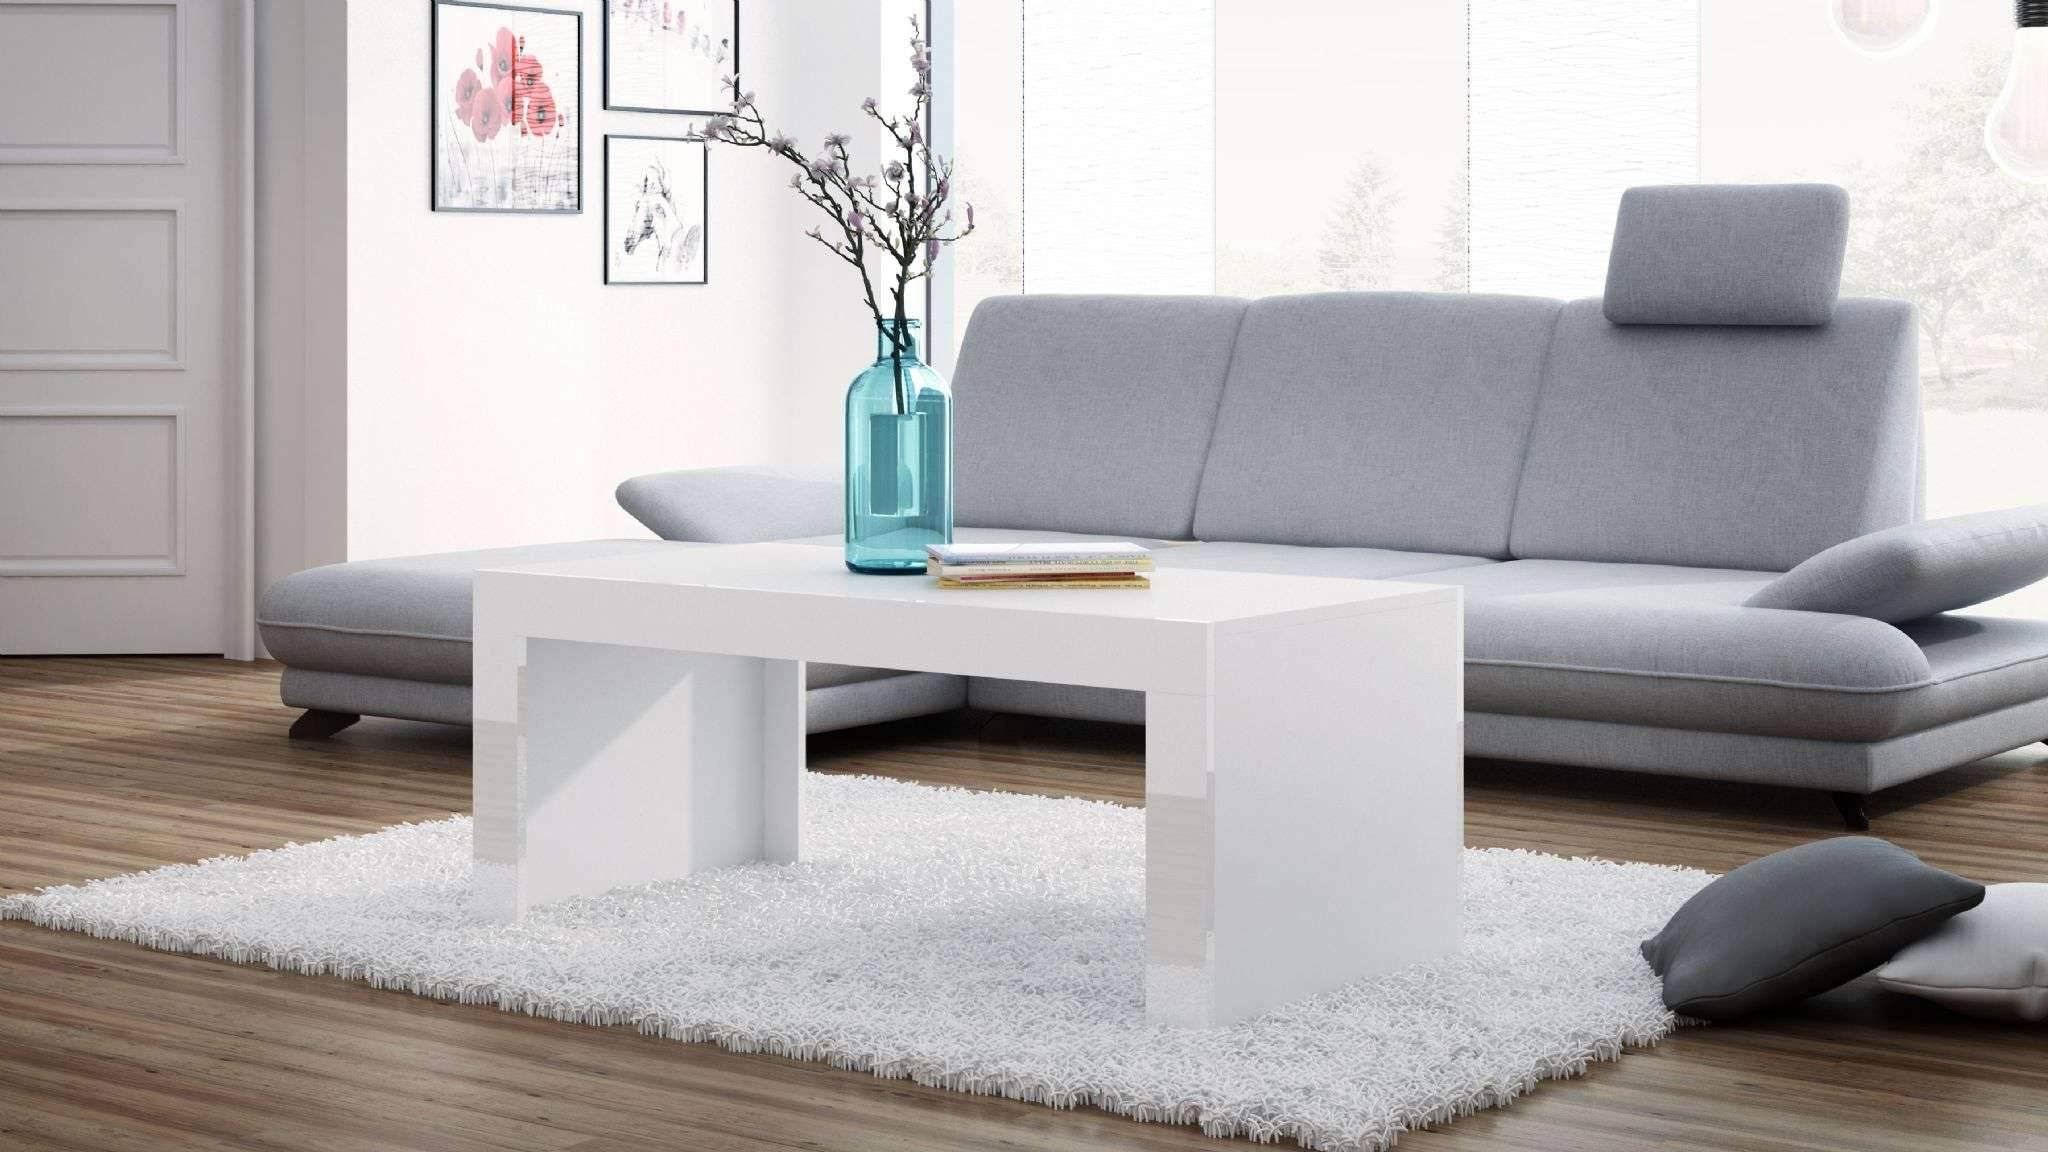 Baumstamm Deko Inspirierend Regal Wohnzimmer Deko Lovely Dekoration Wohnen Einzigartig